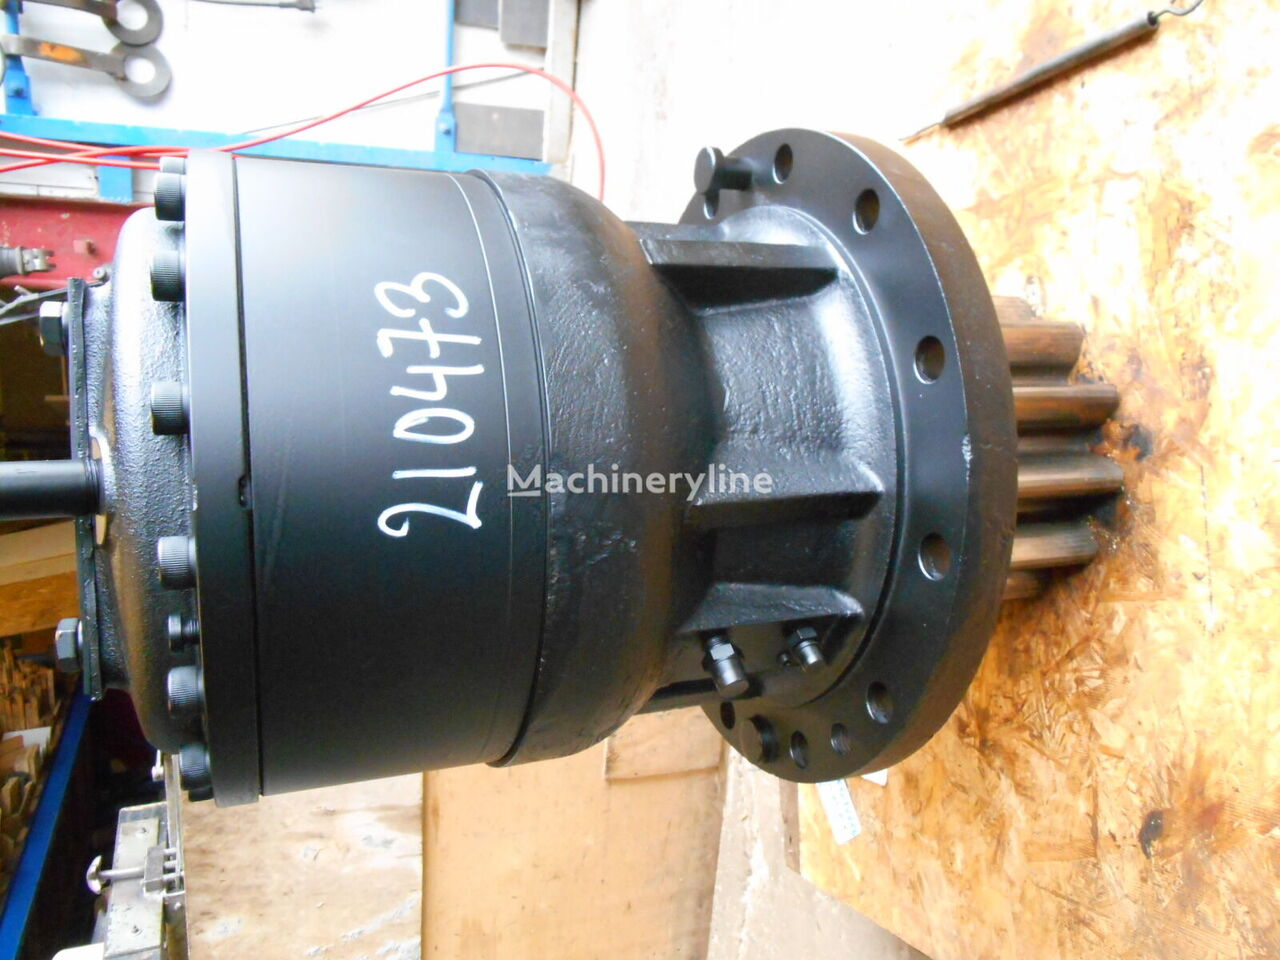 HYUNDAI 31ND-11140 swing motor for HYUNDAI ROBEX 800LC-7 excavator